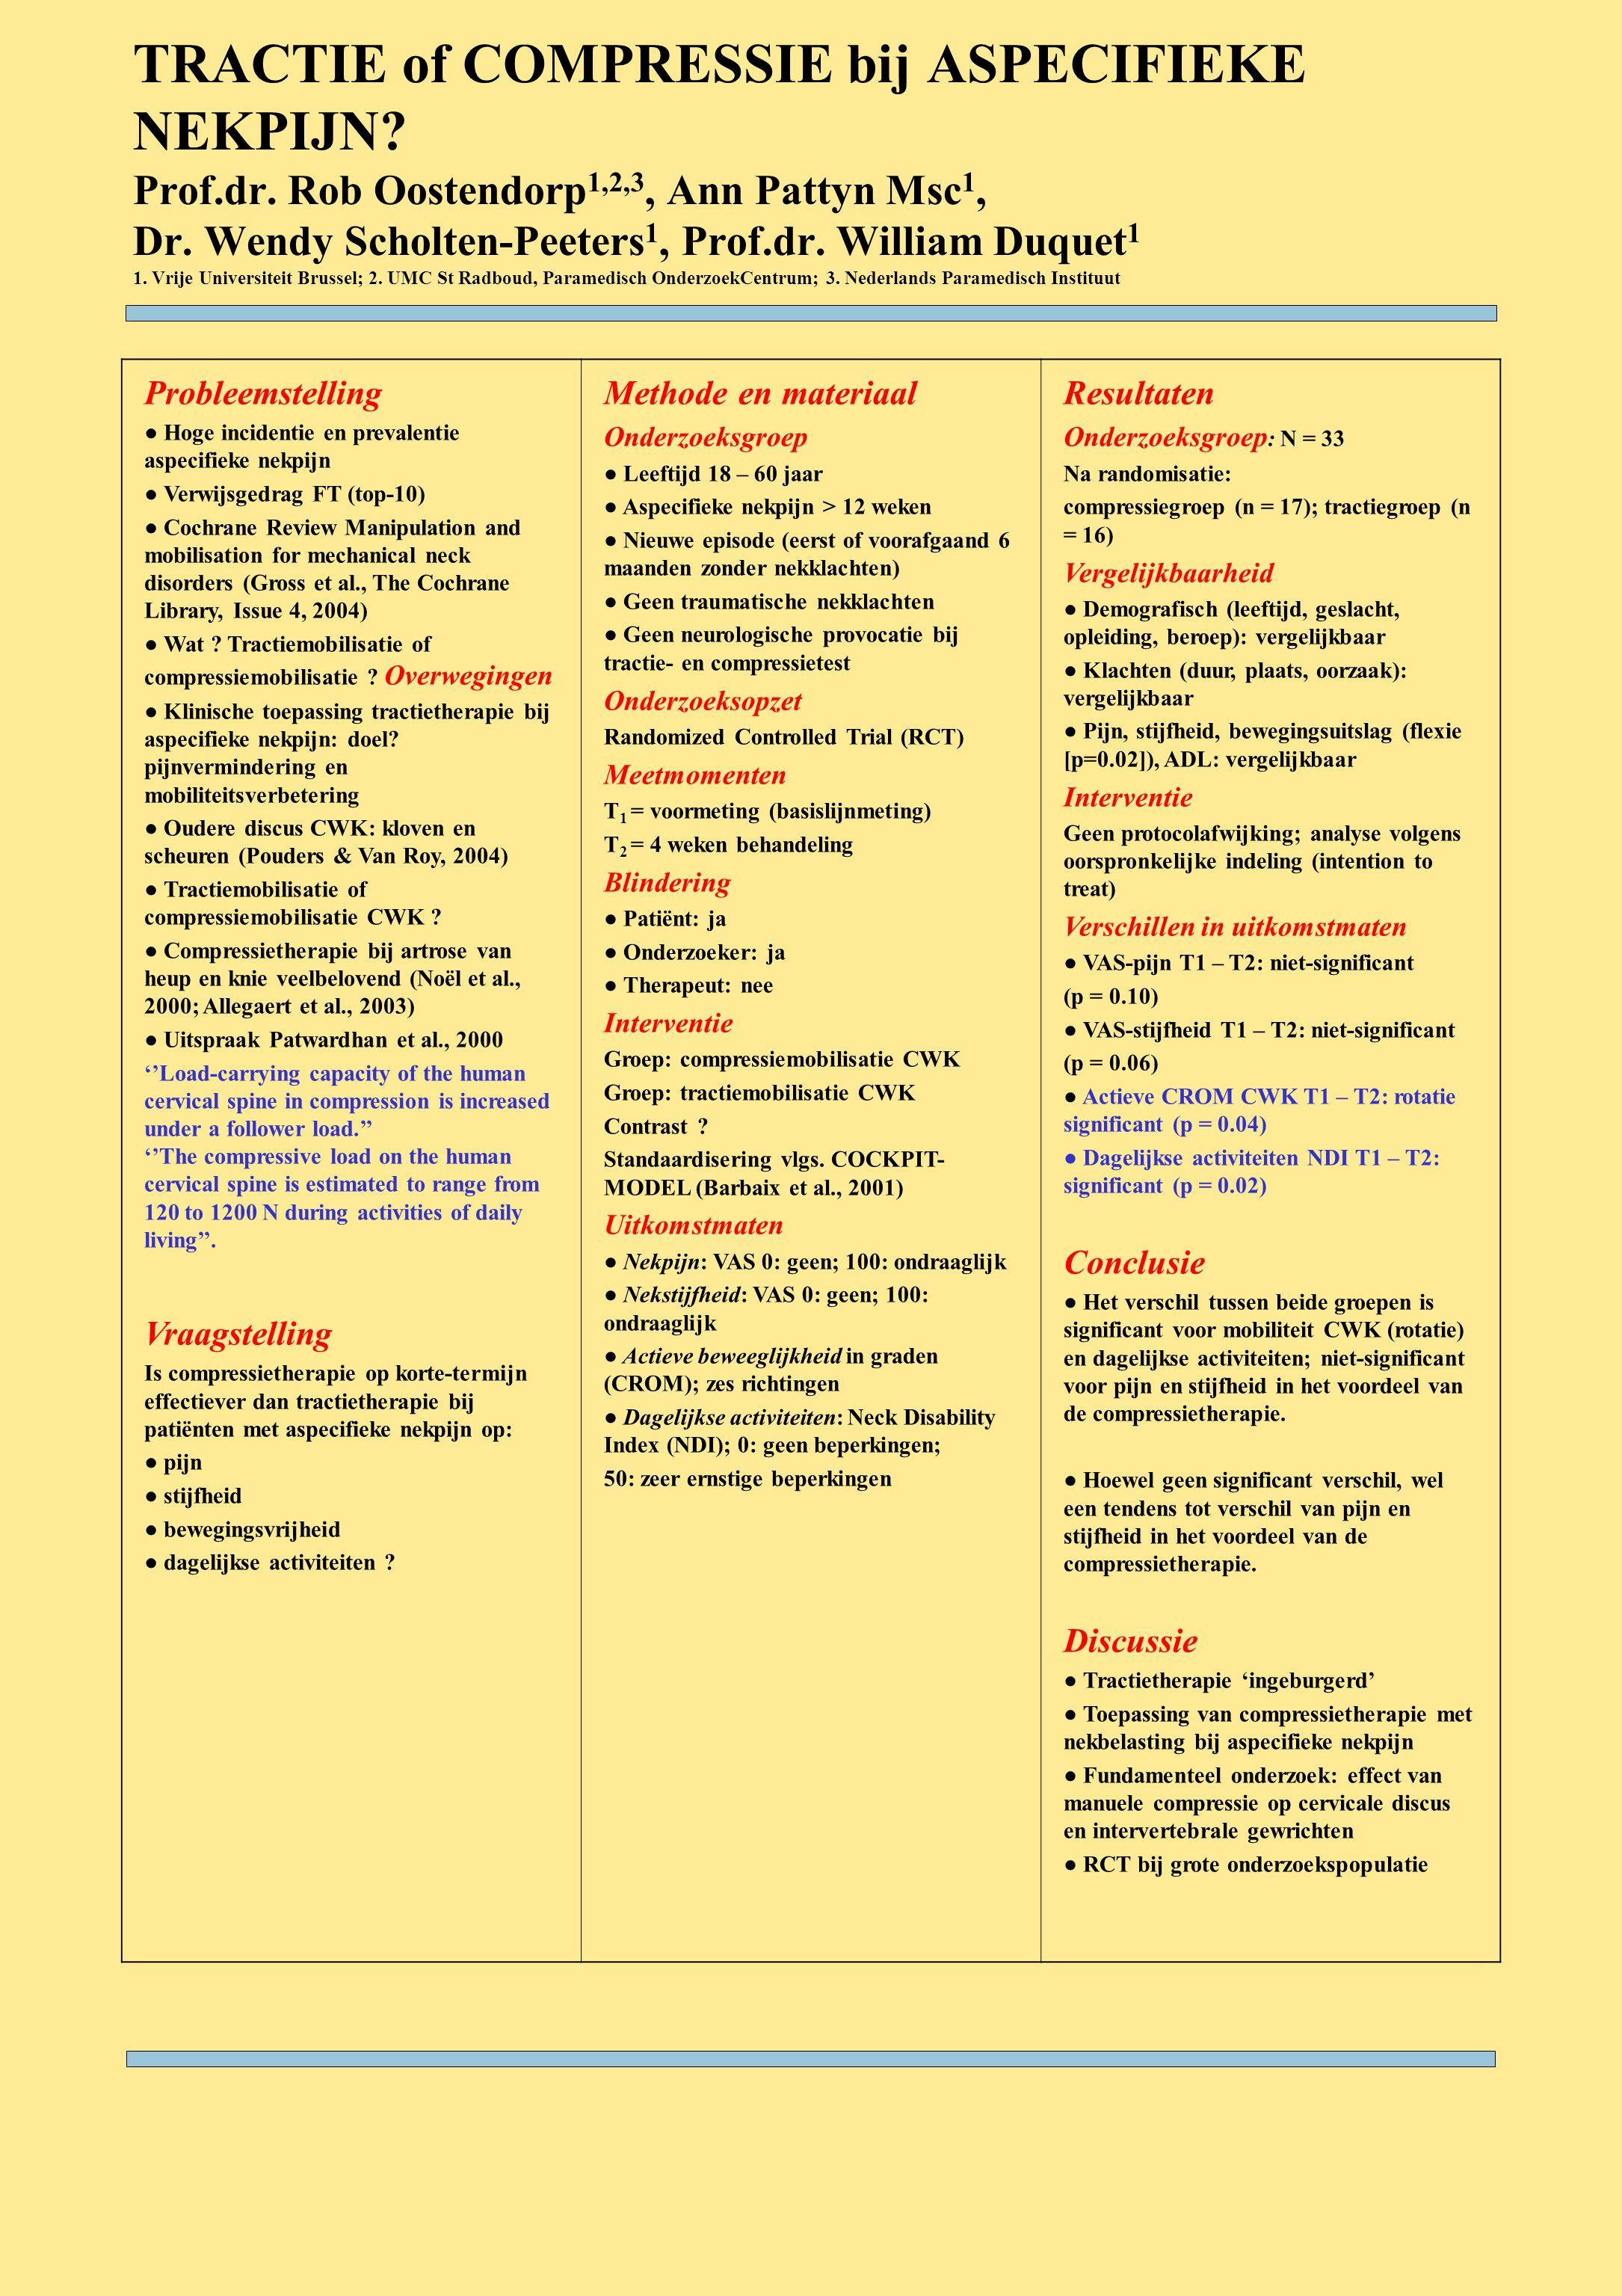 TRACTIE of COMPRESSIE bij ASPECIFIEKE NEKPIJN. Prof. dr